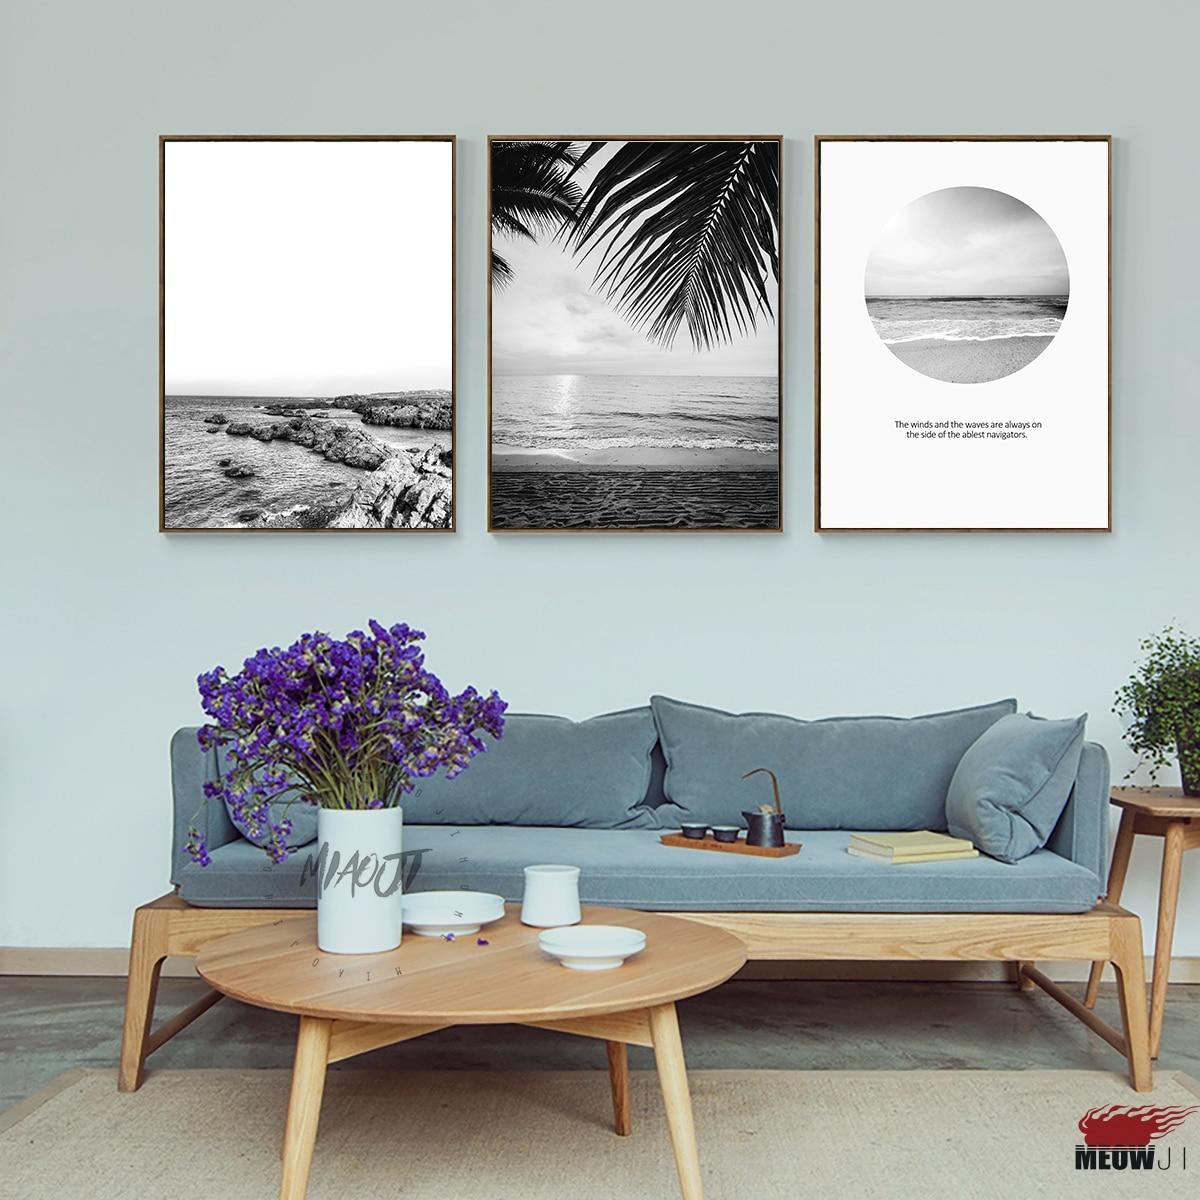 US $4.99  Poster Da Parete di Arte Stampata Su Tela Pittura Per Soggiorno  Nordic Decorazione in Bianco e Nero Spiaggia Oceano Mare Della Decorazione  ...